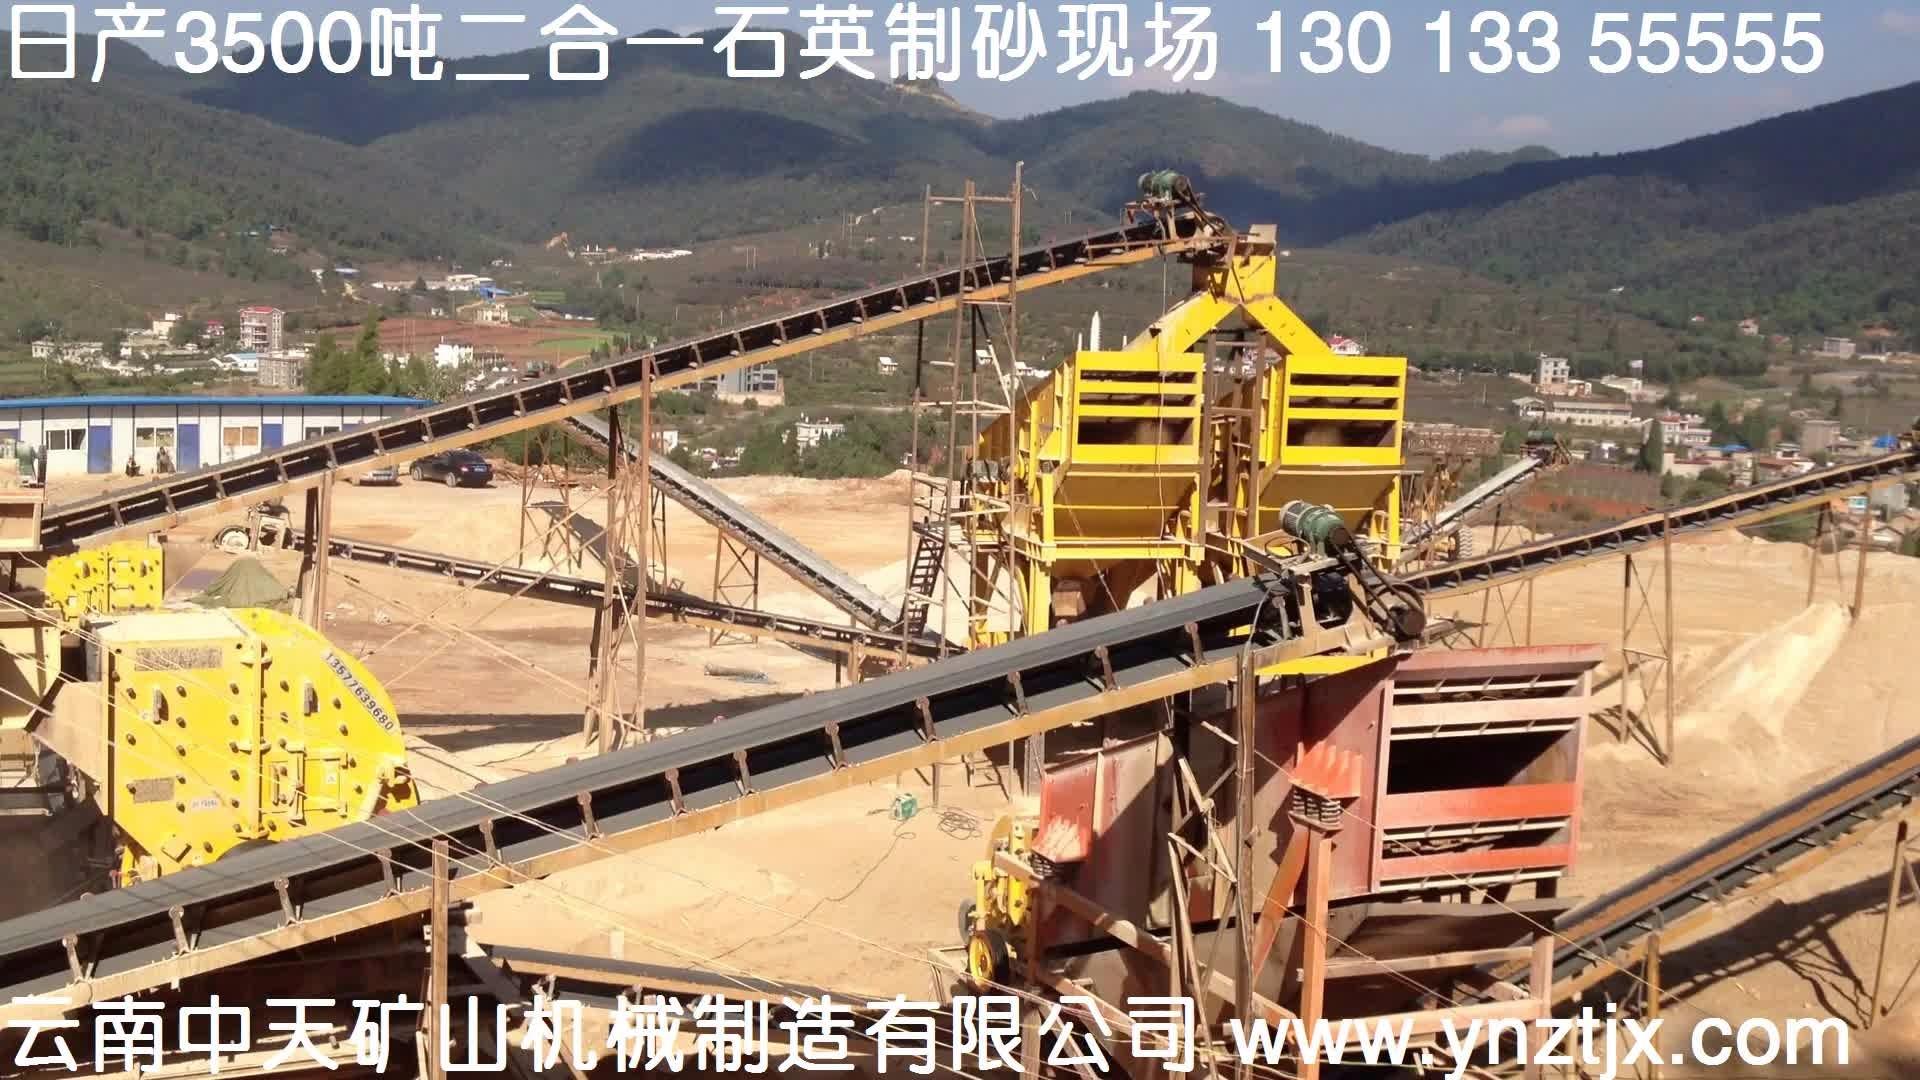 云南日产3500吨3台manbetx官网电脑版制砂生产线现场四